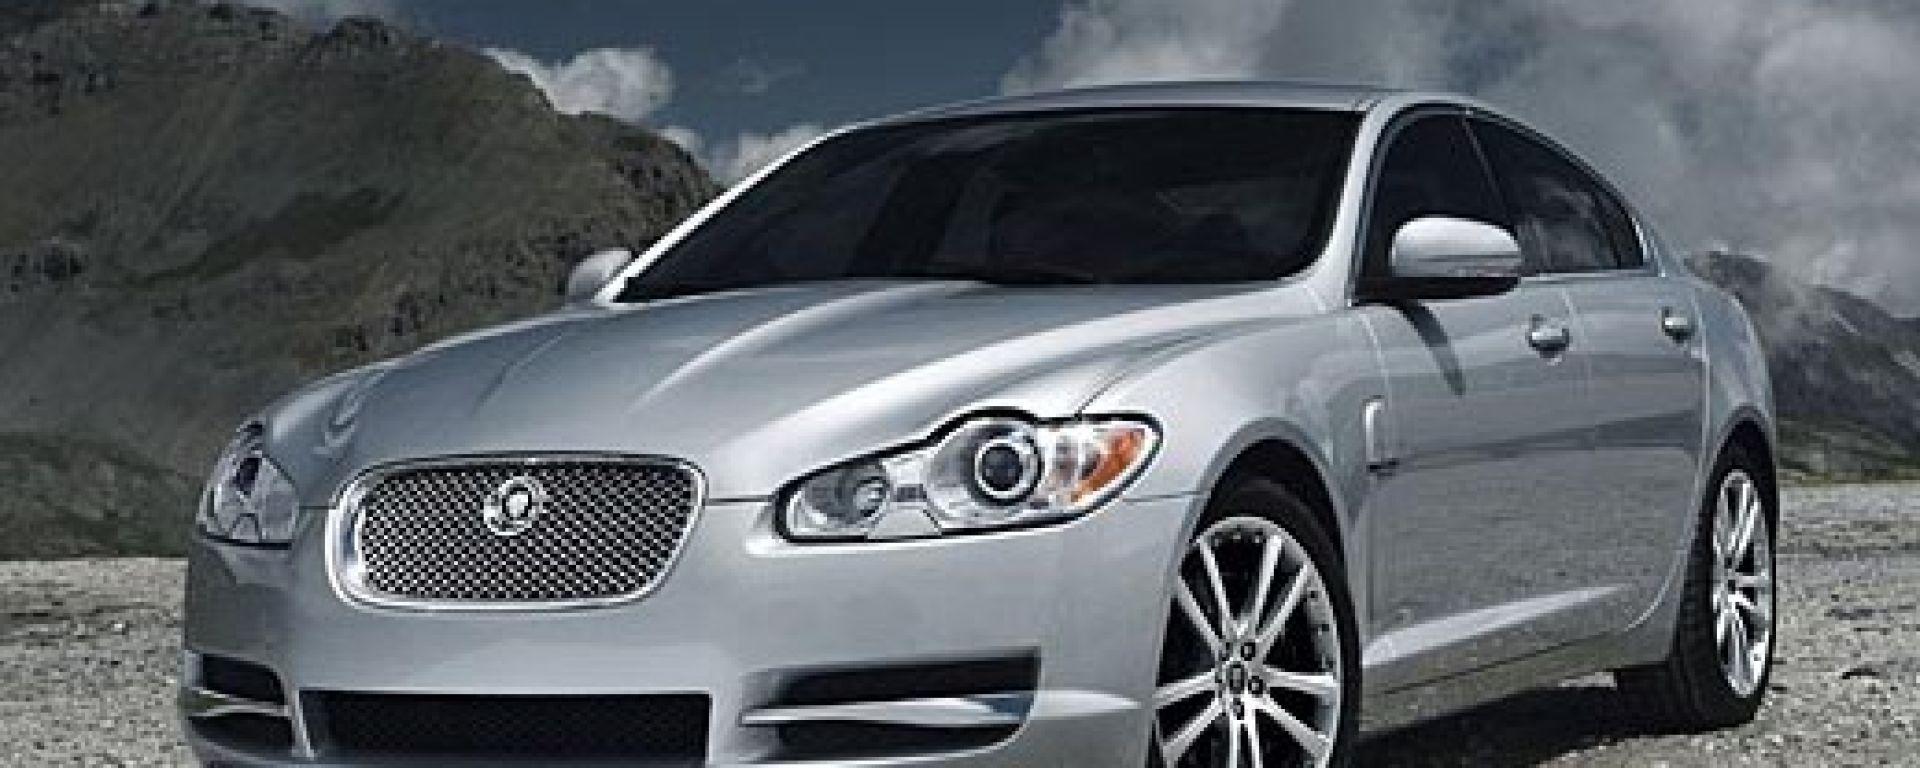 Jaguar XF V6 Diesel S